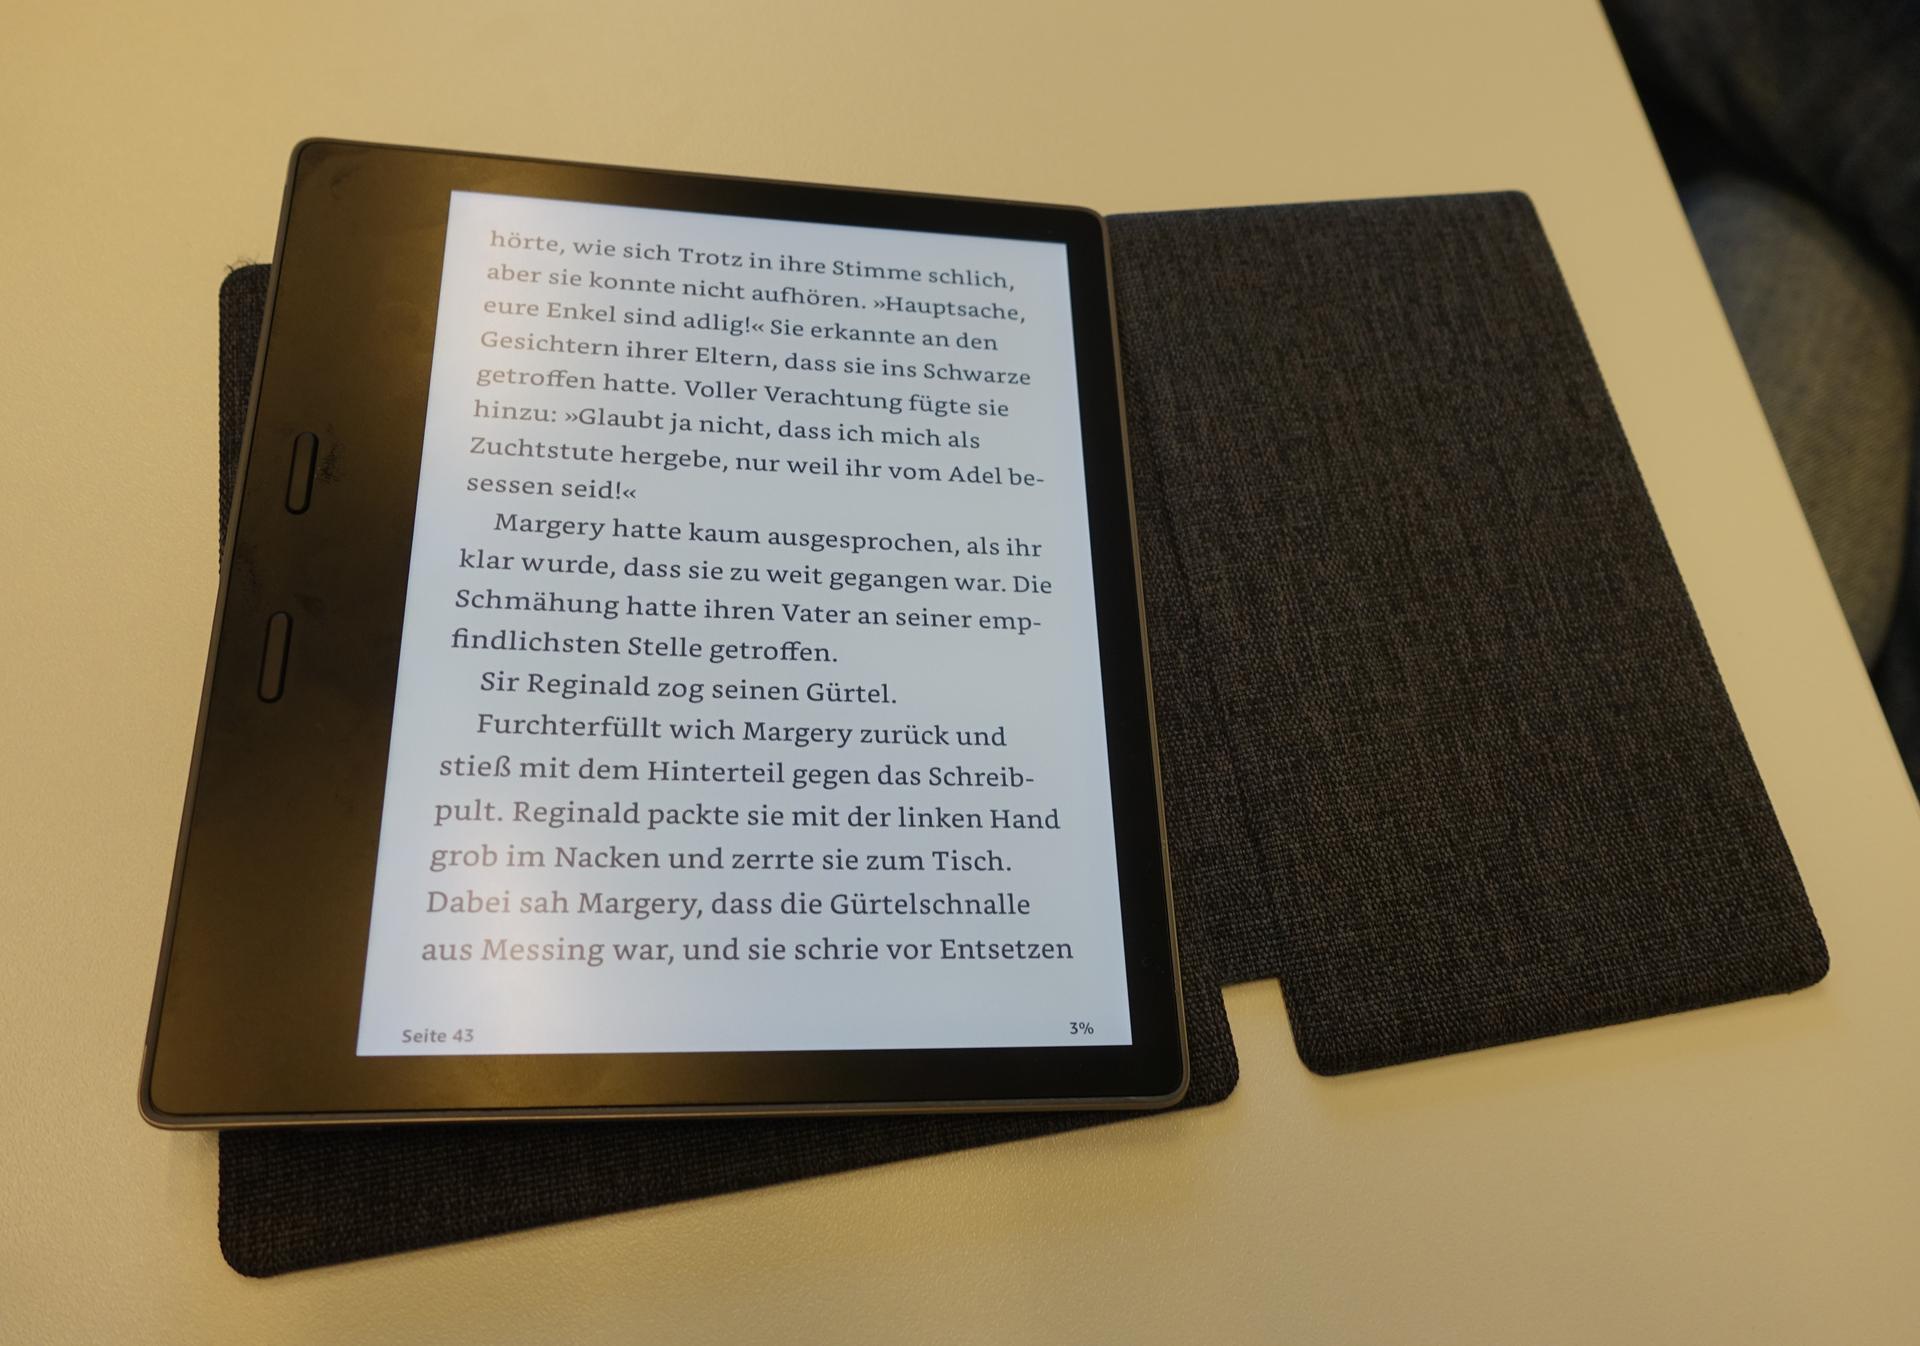 Neuer Kindle Oasis im Hands on: Amazons großer E-Book-Reader ist wasserdicht -